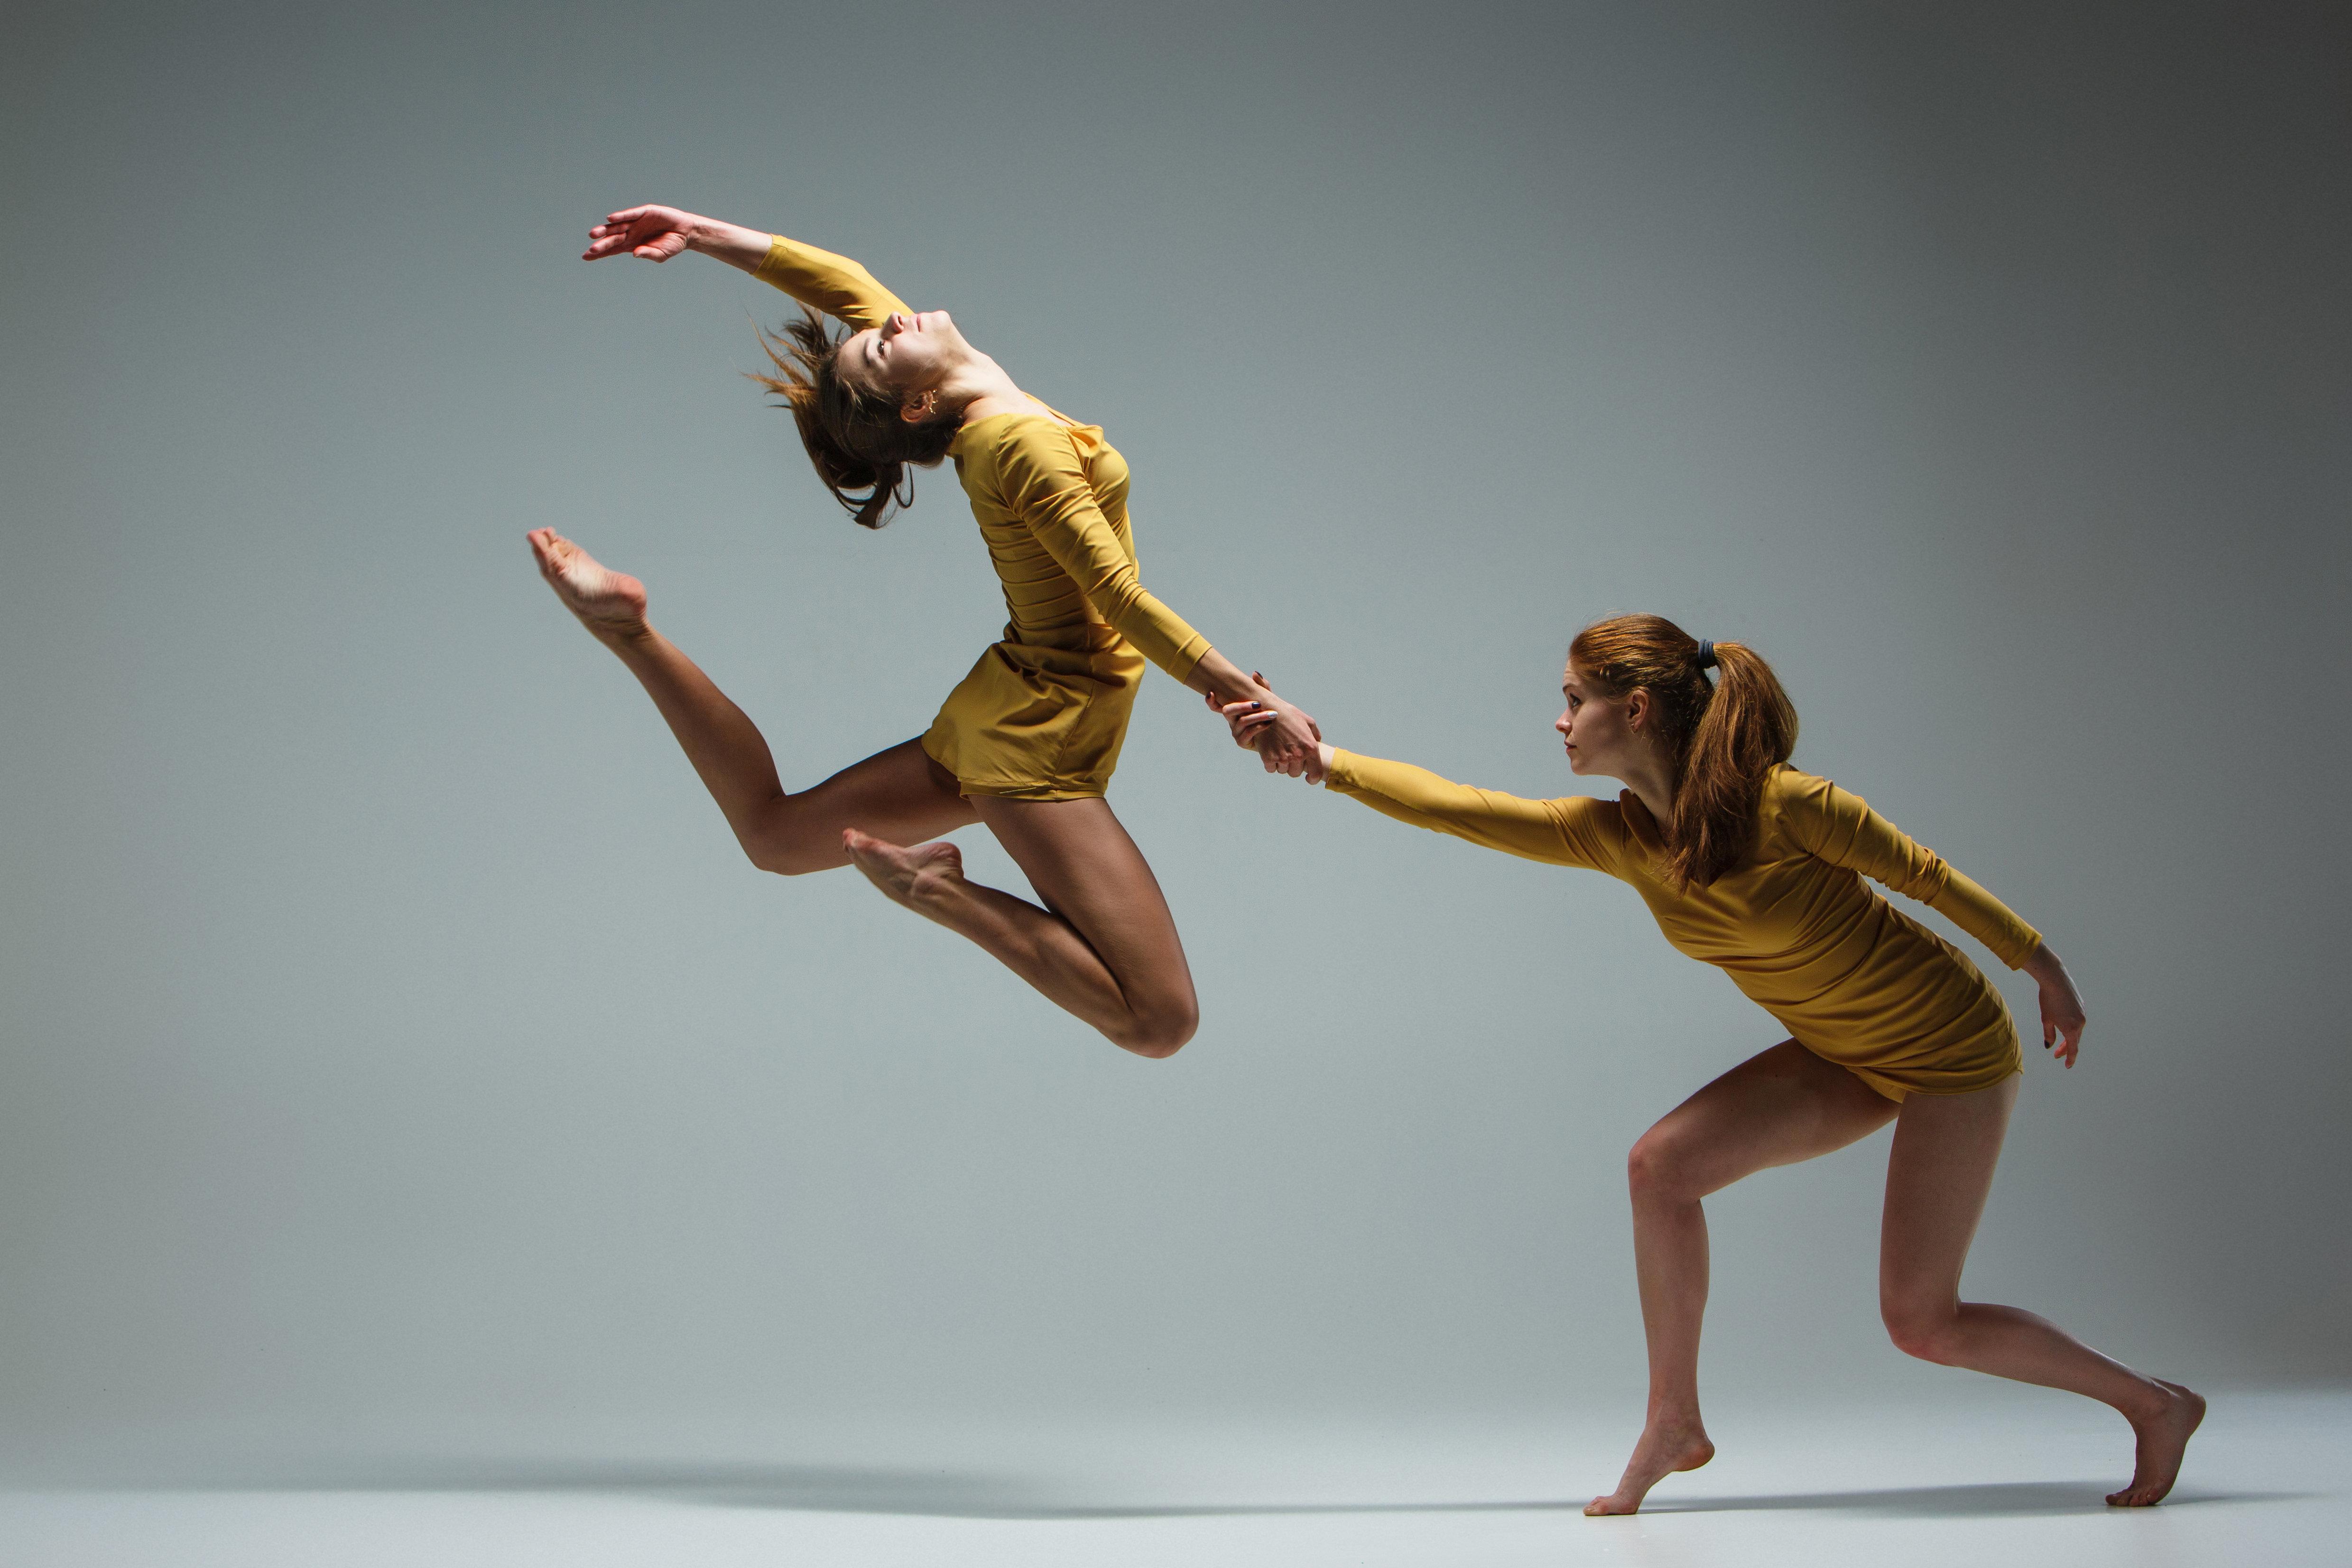 Διάκριση για Έλληνες χορευτές - θα συμμετάσχουν σε παγκόσμιους διαγωνισμούς σε Ιταλία και Ρουμανία